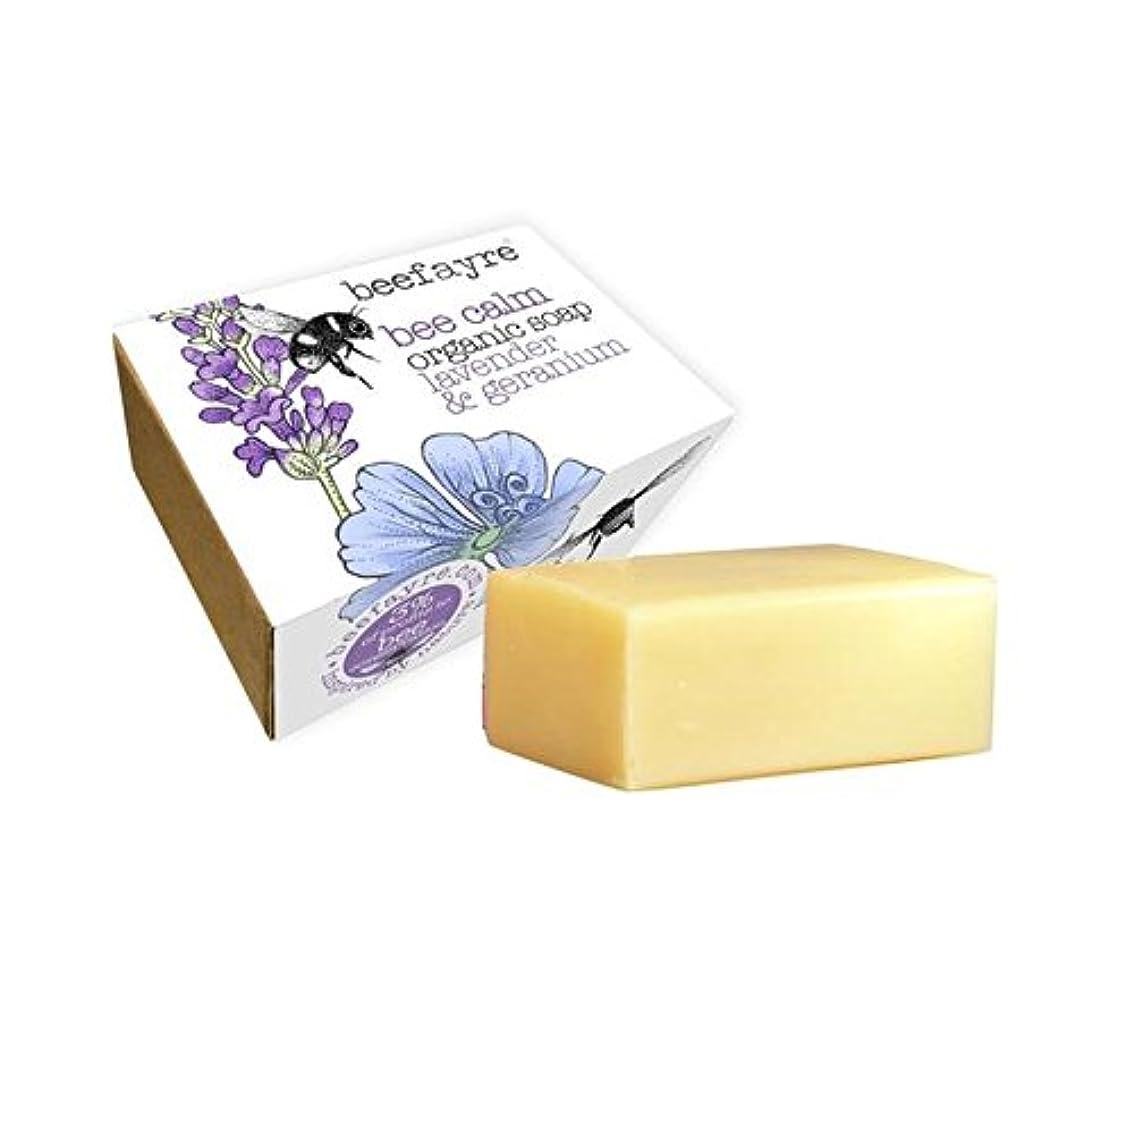 仕立て屋グループ入口有機ゼラニウム&ラベンダー石鹸 x2 - Beefayre Organic Geranium & Lavender Soap (Pack of 2) [並行輸入品]